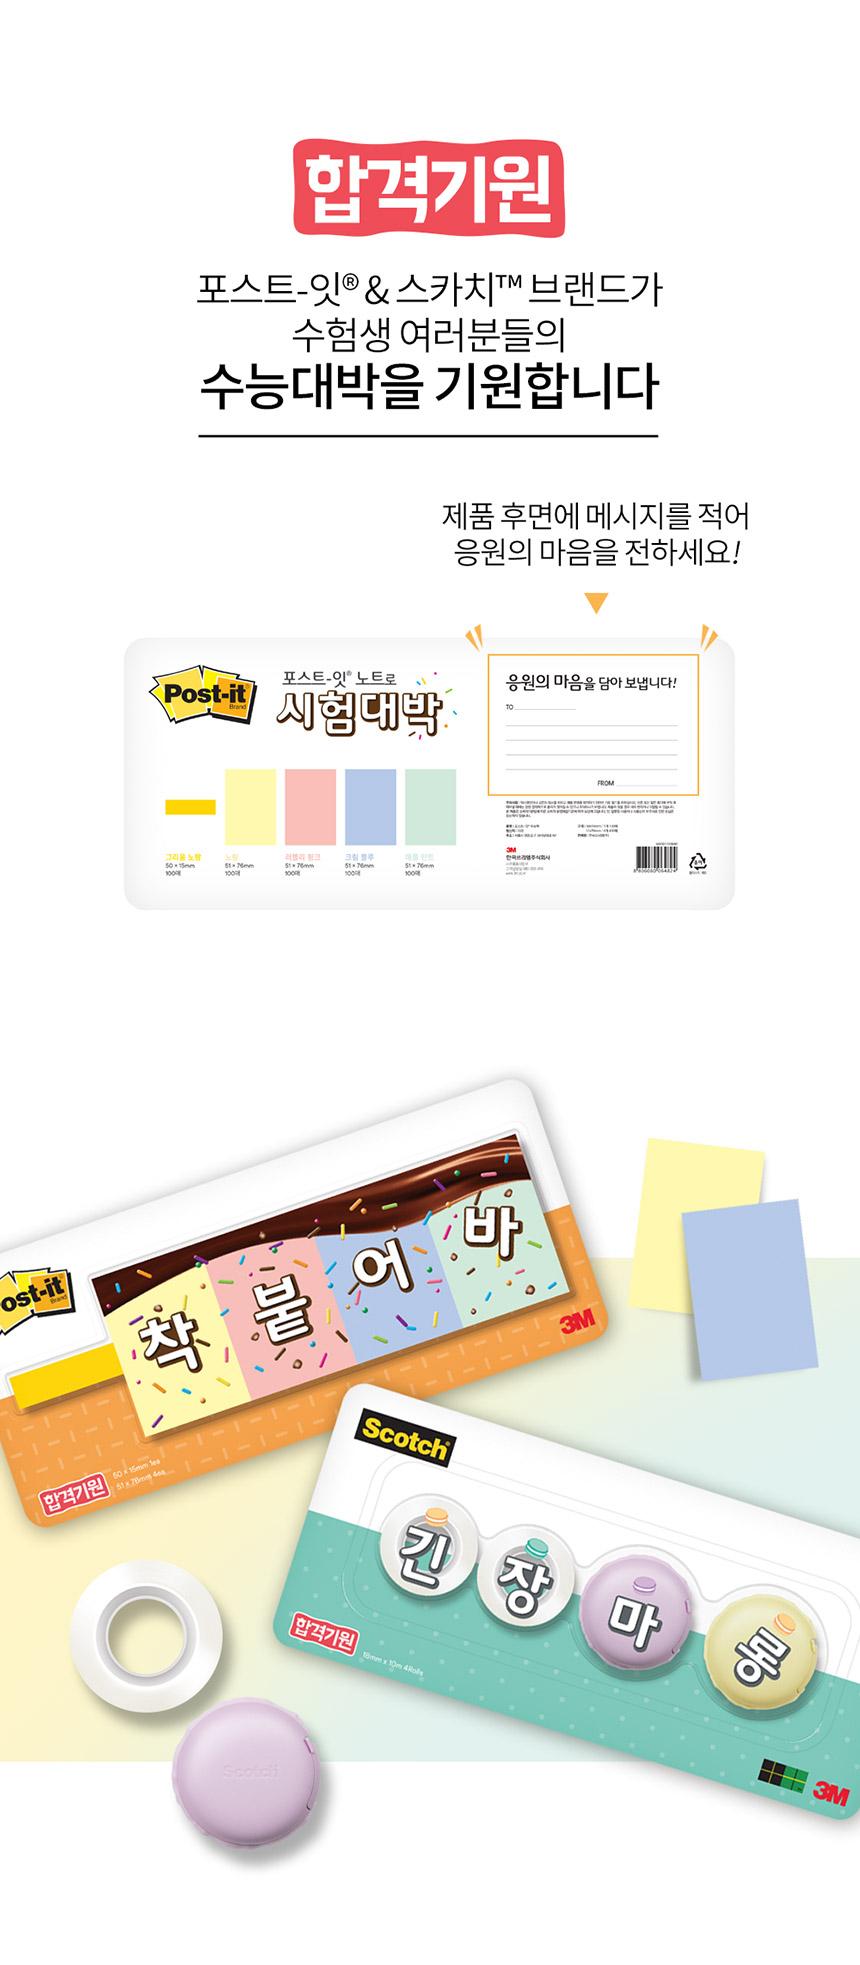 포스트잇 합격기원 수능팩(문구 랜덤) - 한국쓰리엠, 7,900원, 메모/점착메모, 3M포스트잇